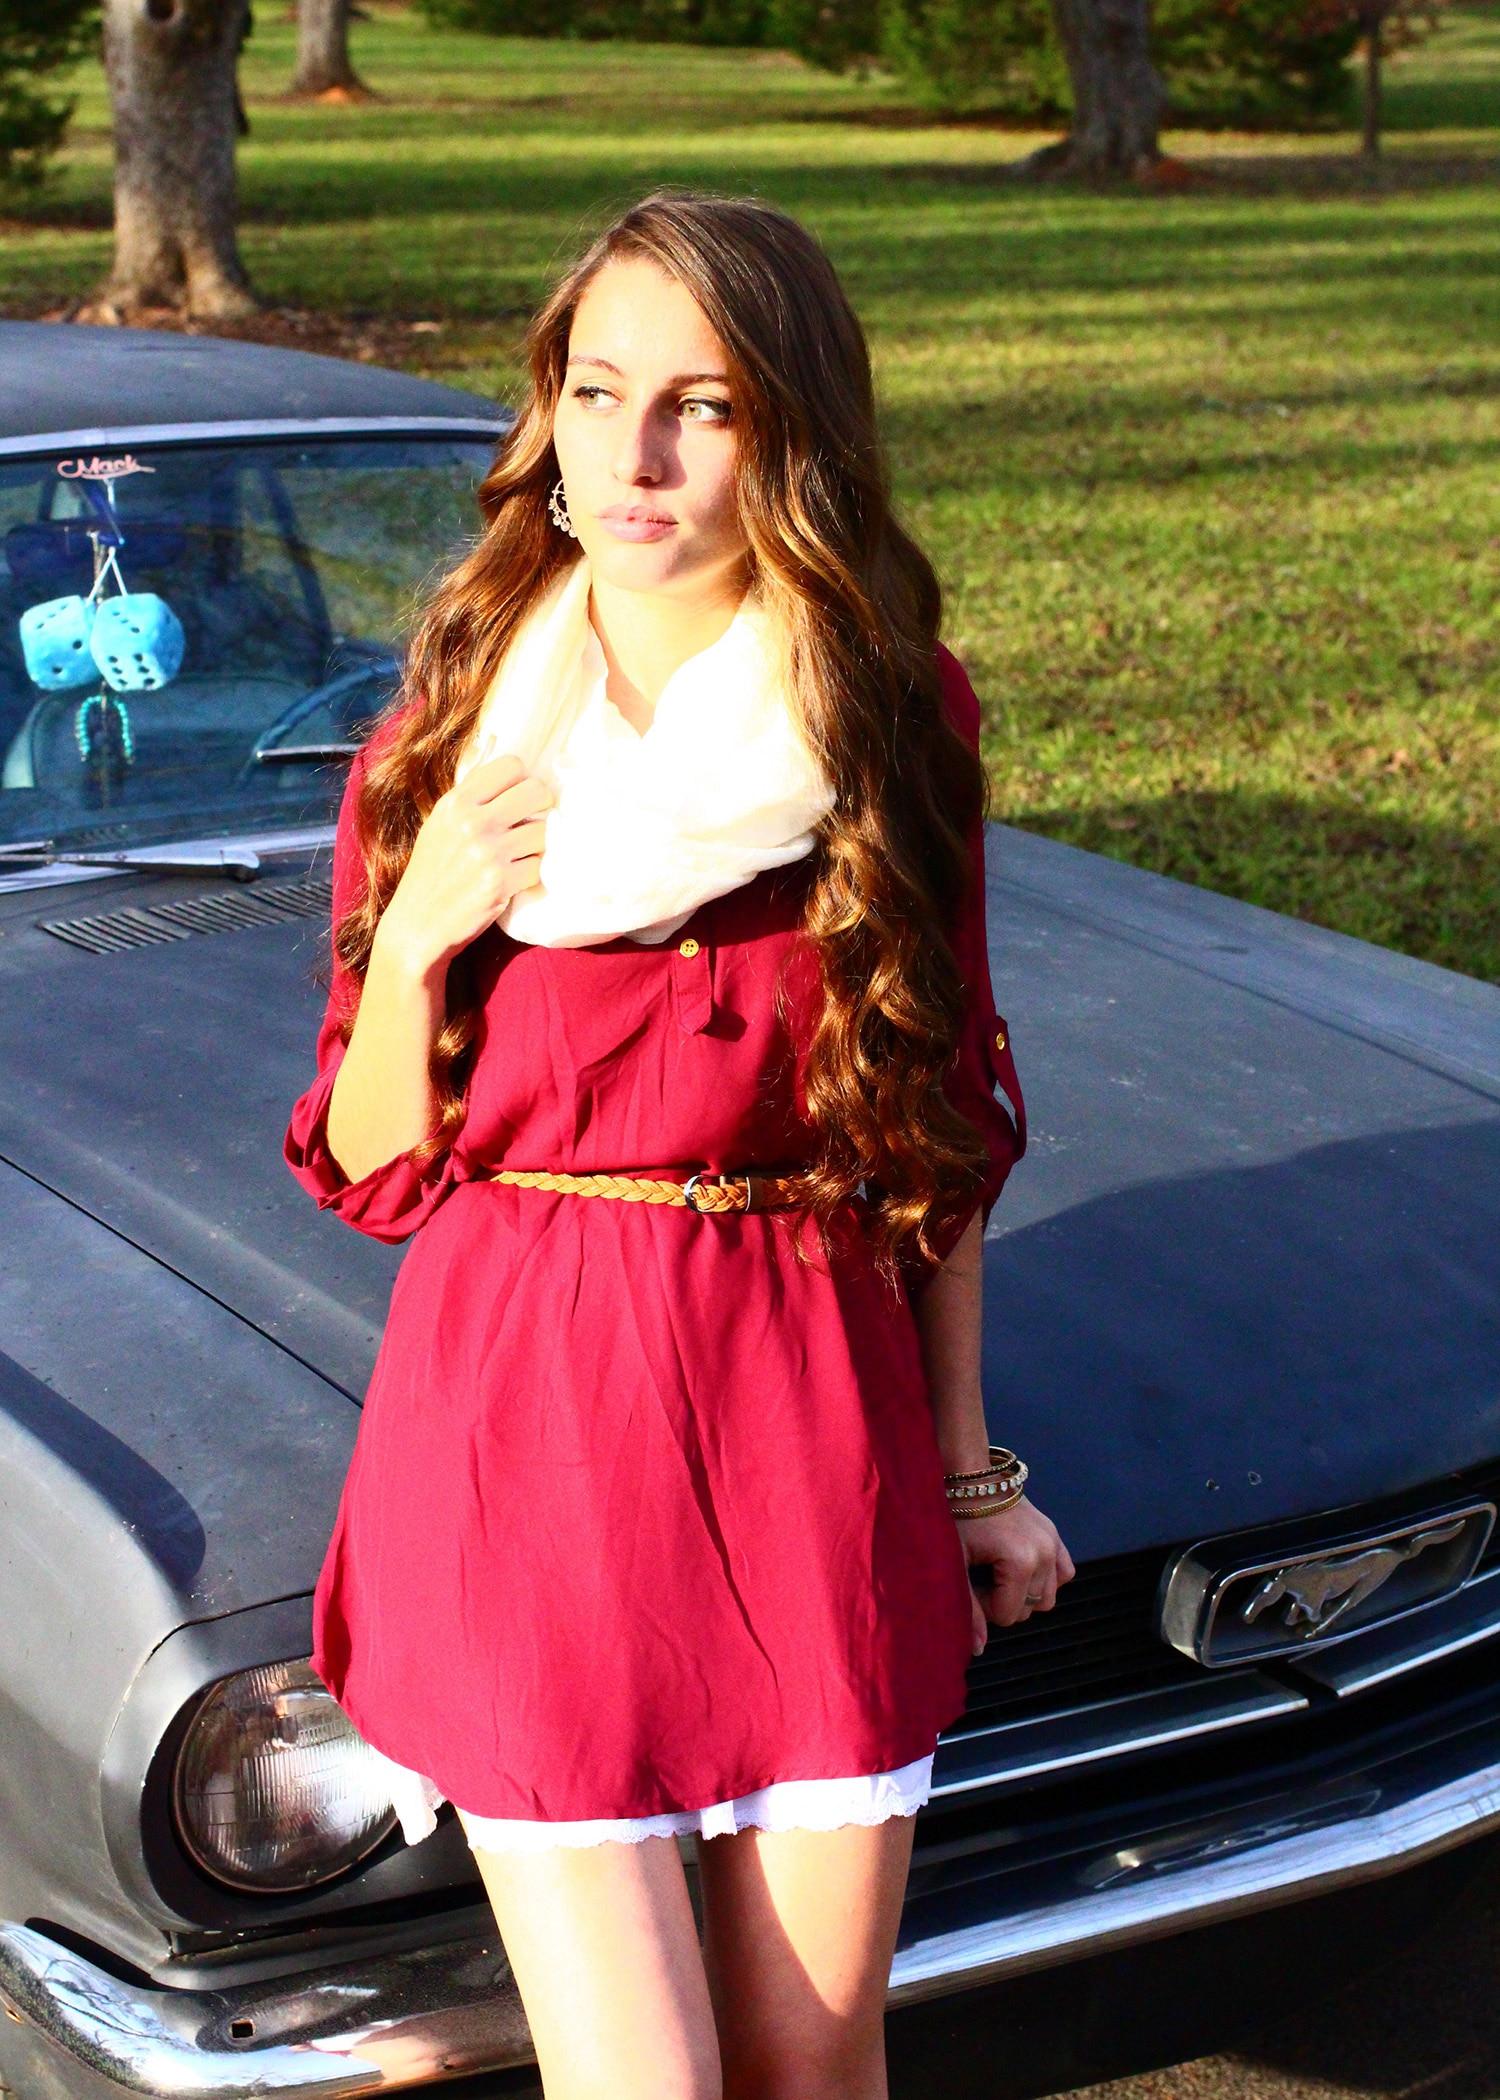 1966 Ford Mustang Melissa Wyatt Mustang Girl Monday 04